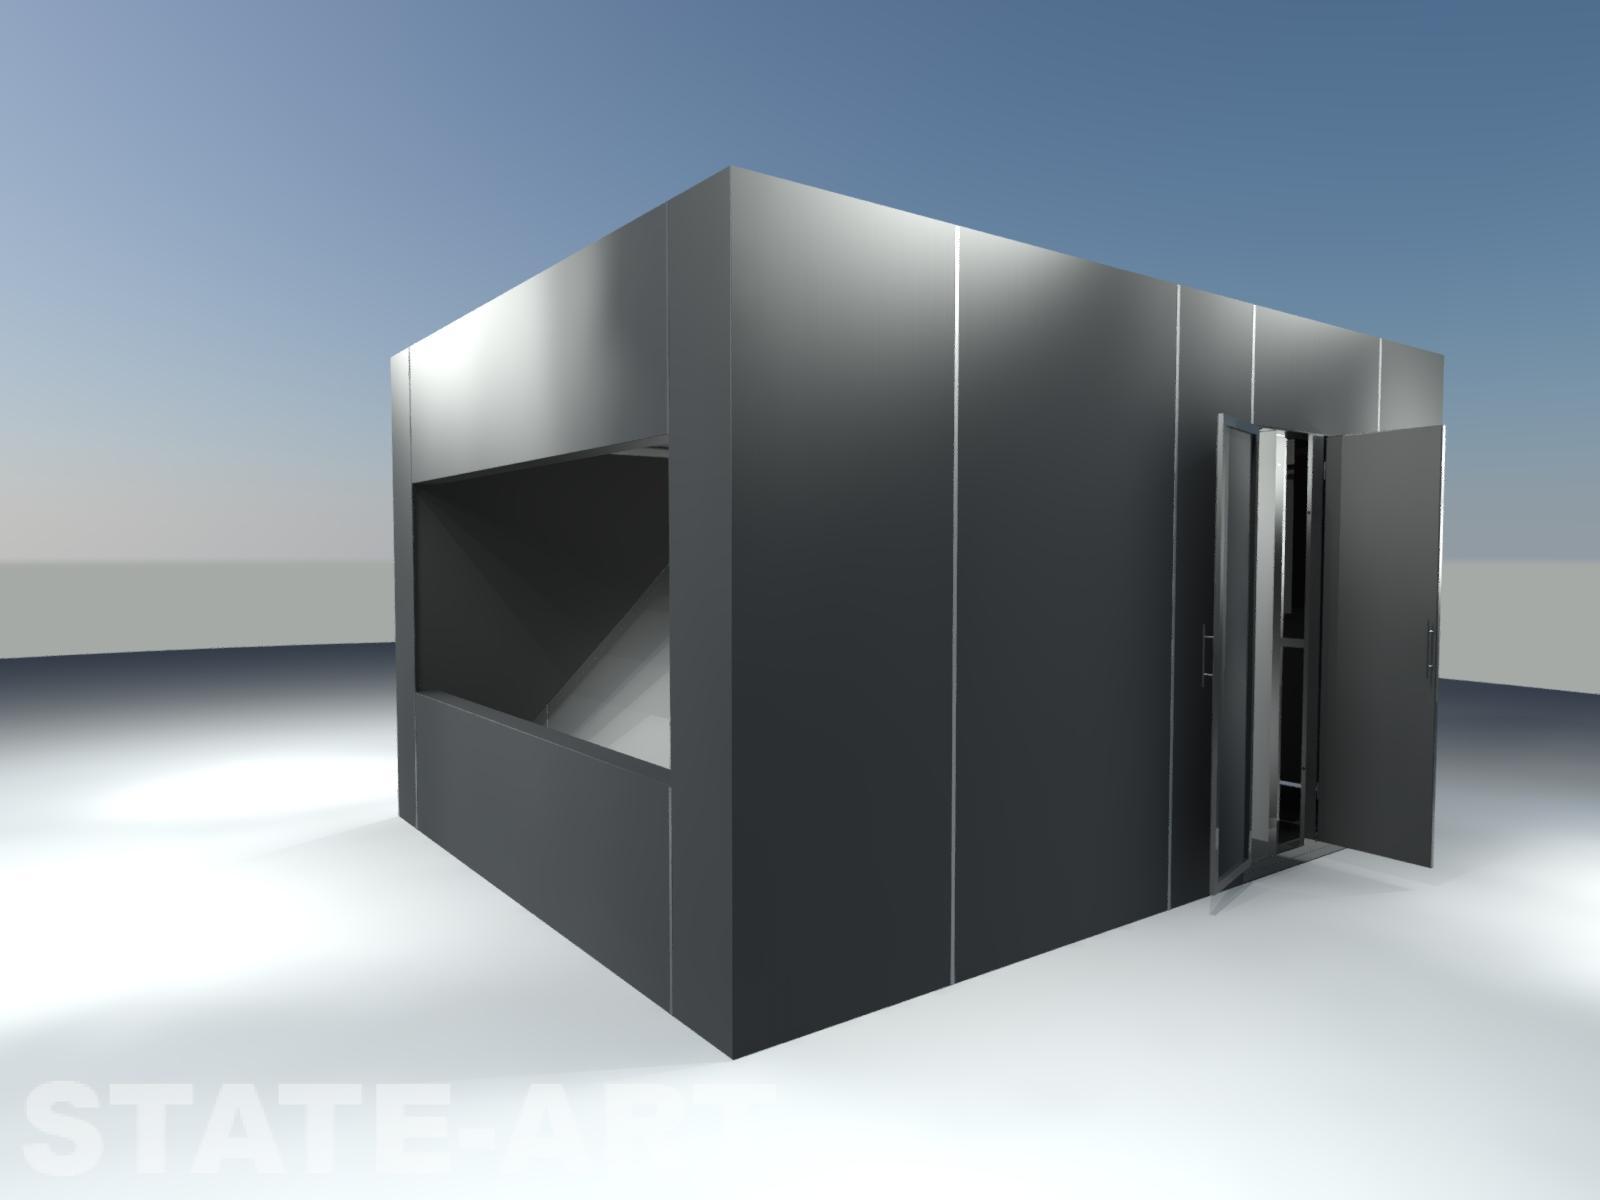 Визуализация голокуба с открытыми дверями